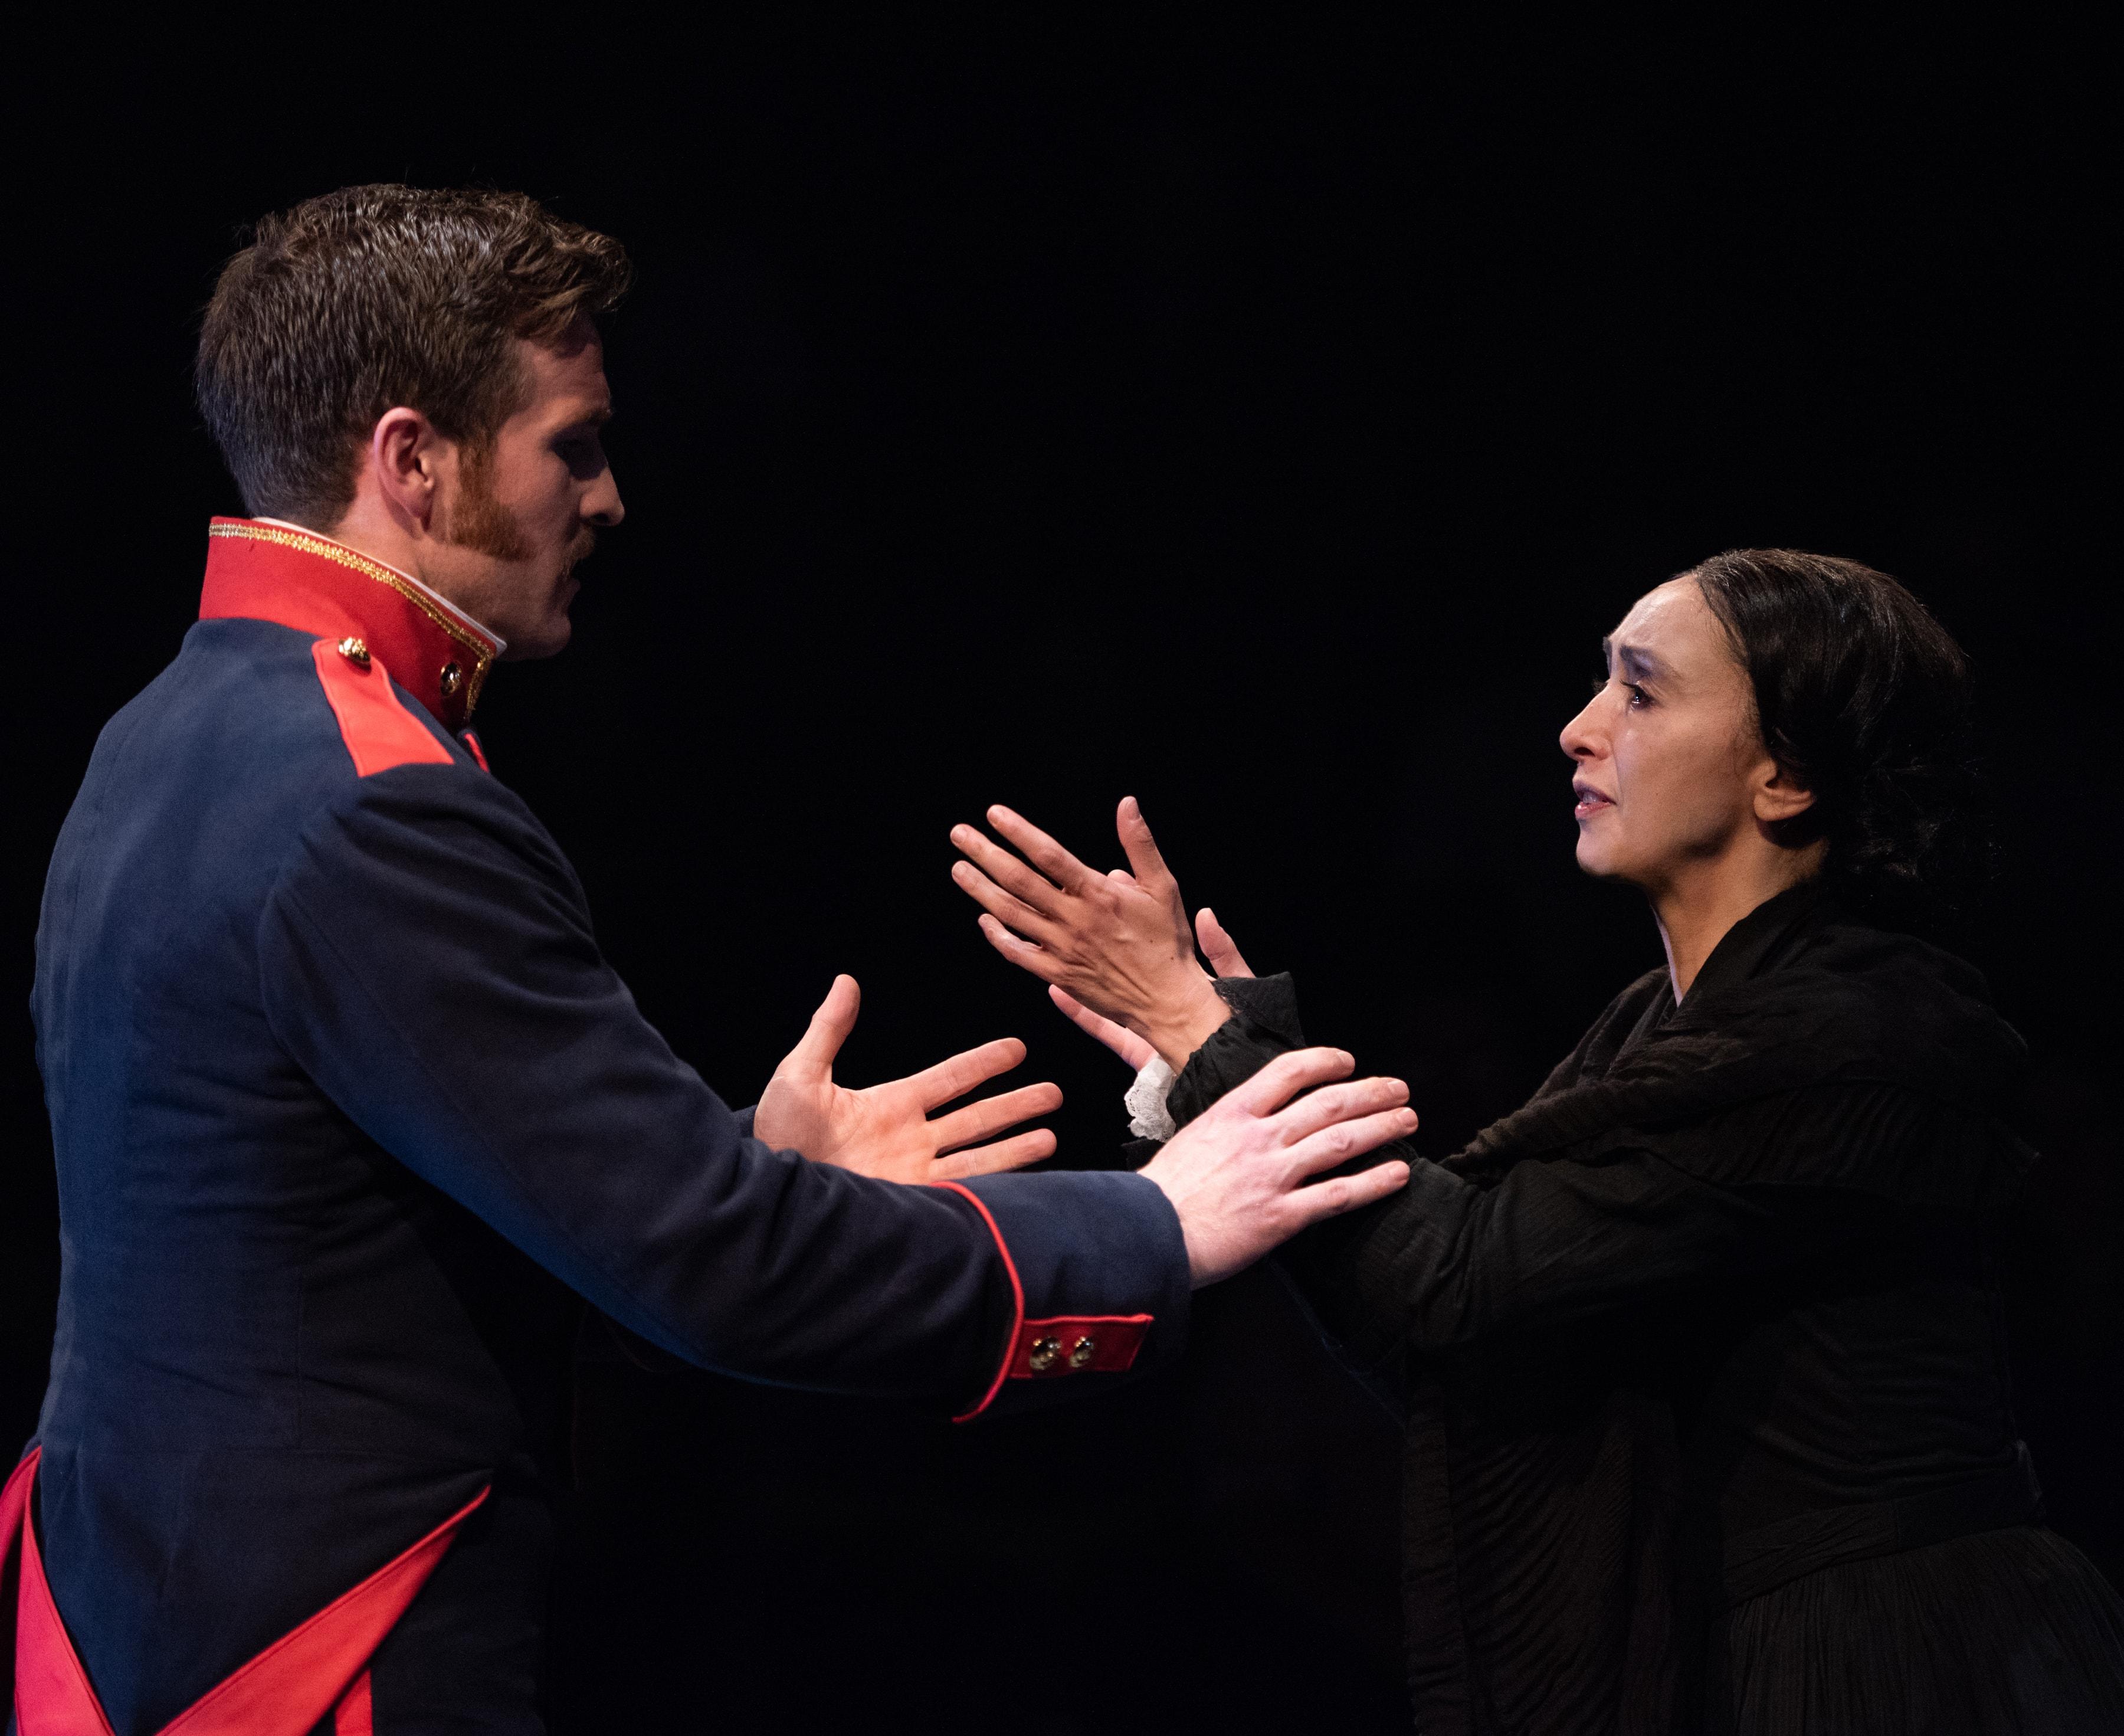 Claybourne Elder (Giorgio) and Natascia Diaz (Fosca) in Passion at Signature Theatre. Photo by Margot Schulman.